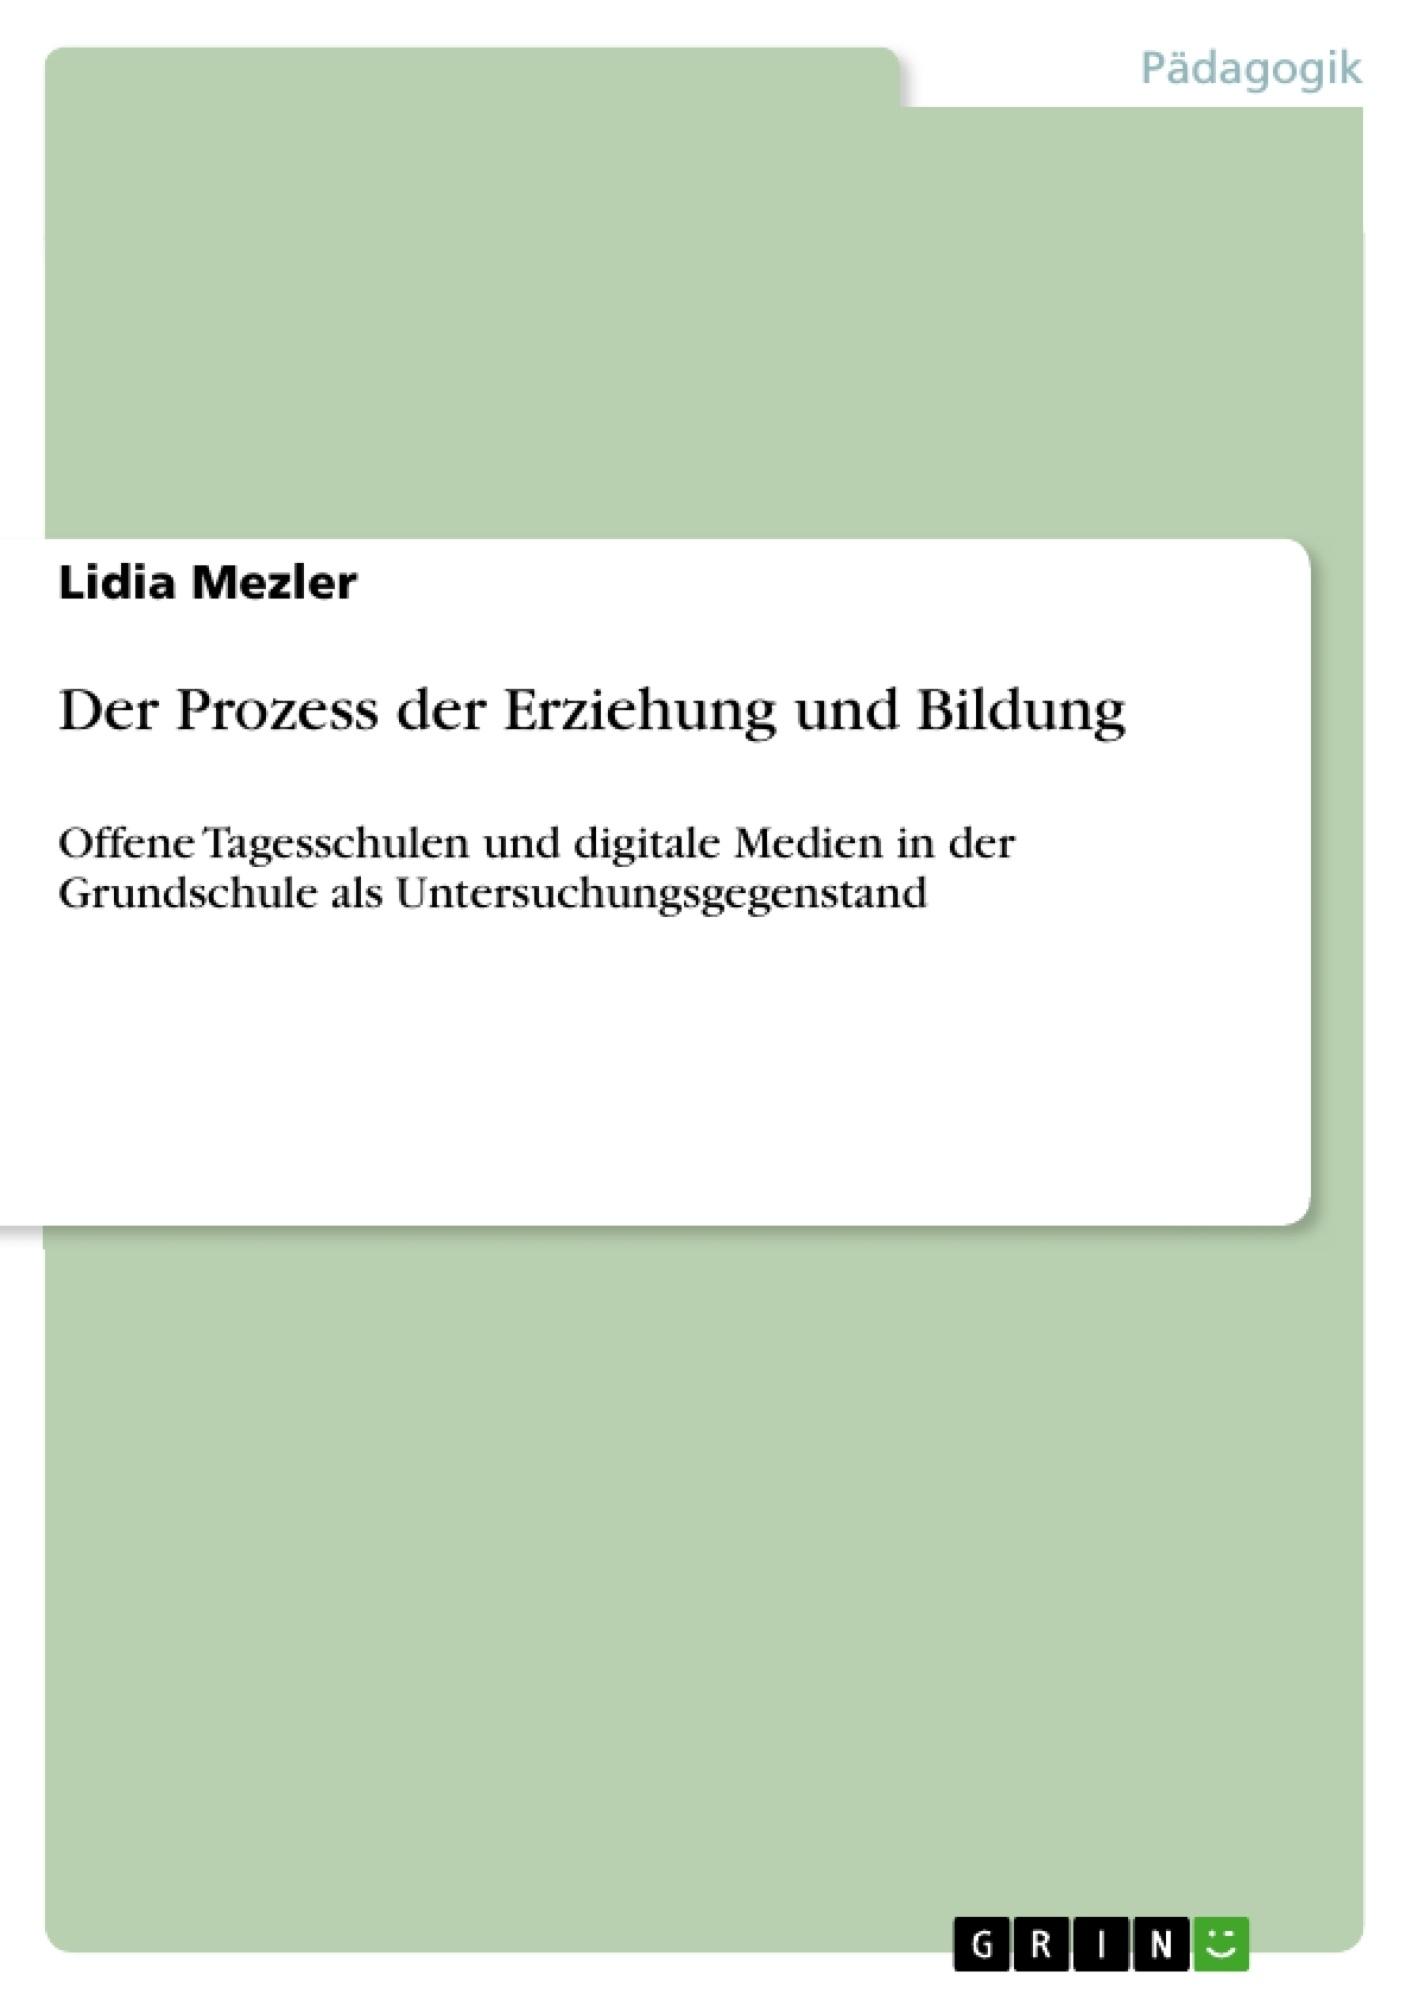 Titel: Der Prozess der Erziehung und Bildung